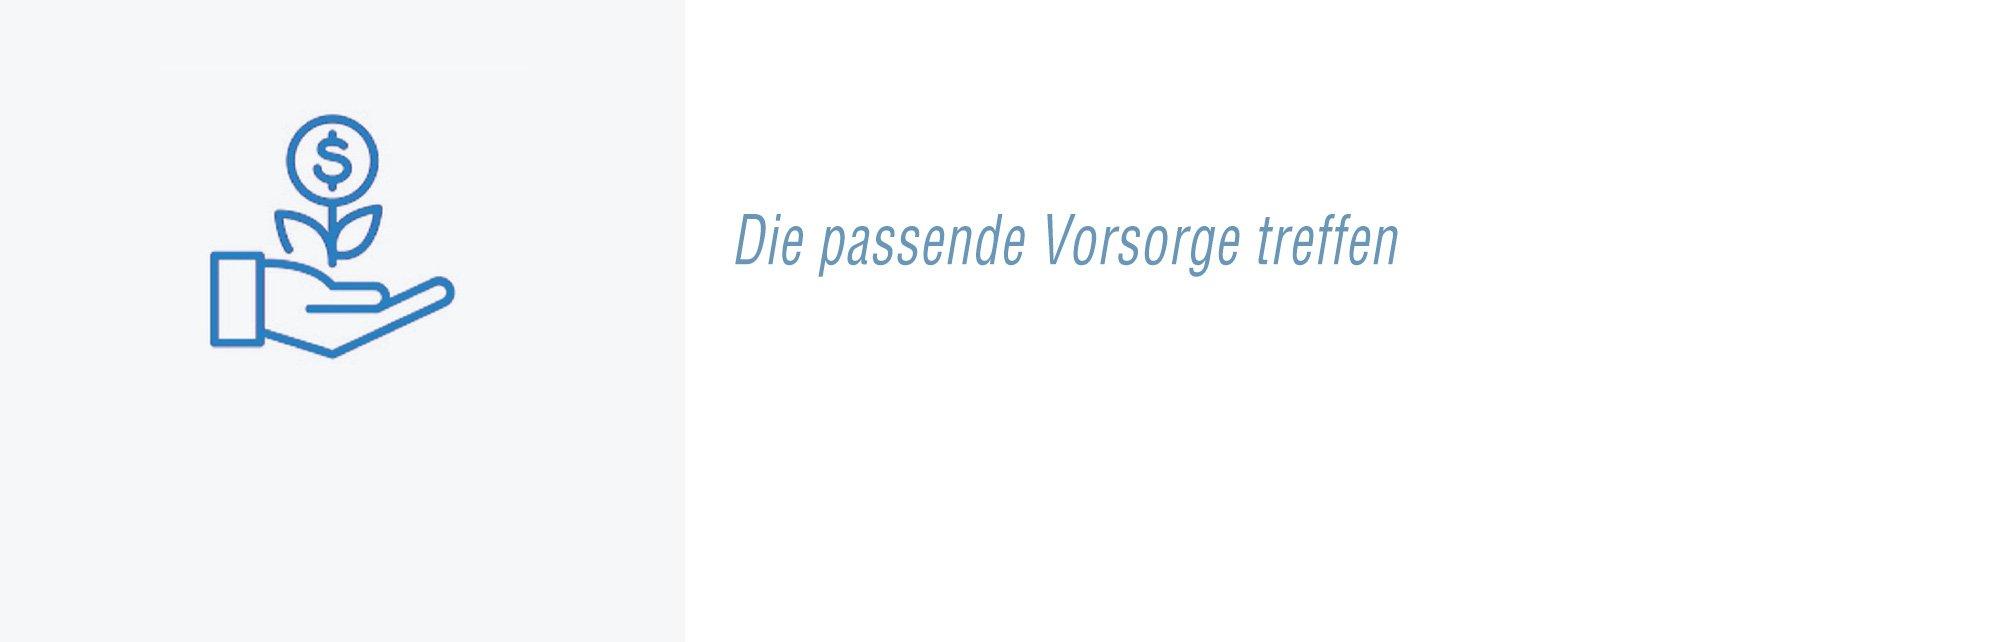 Vorsorge genossenschaft berlin